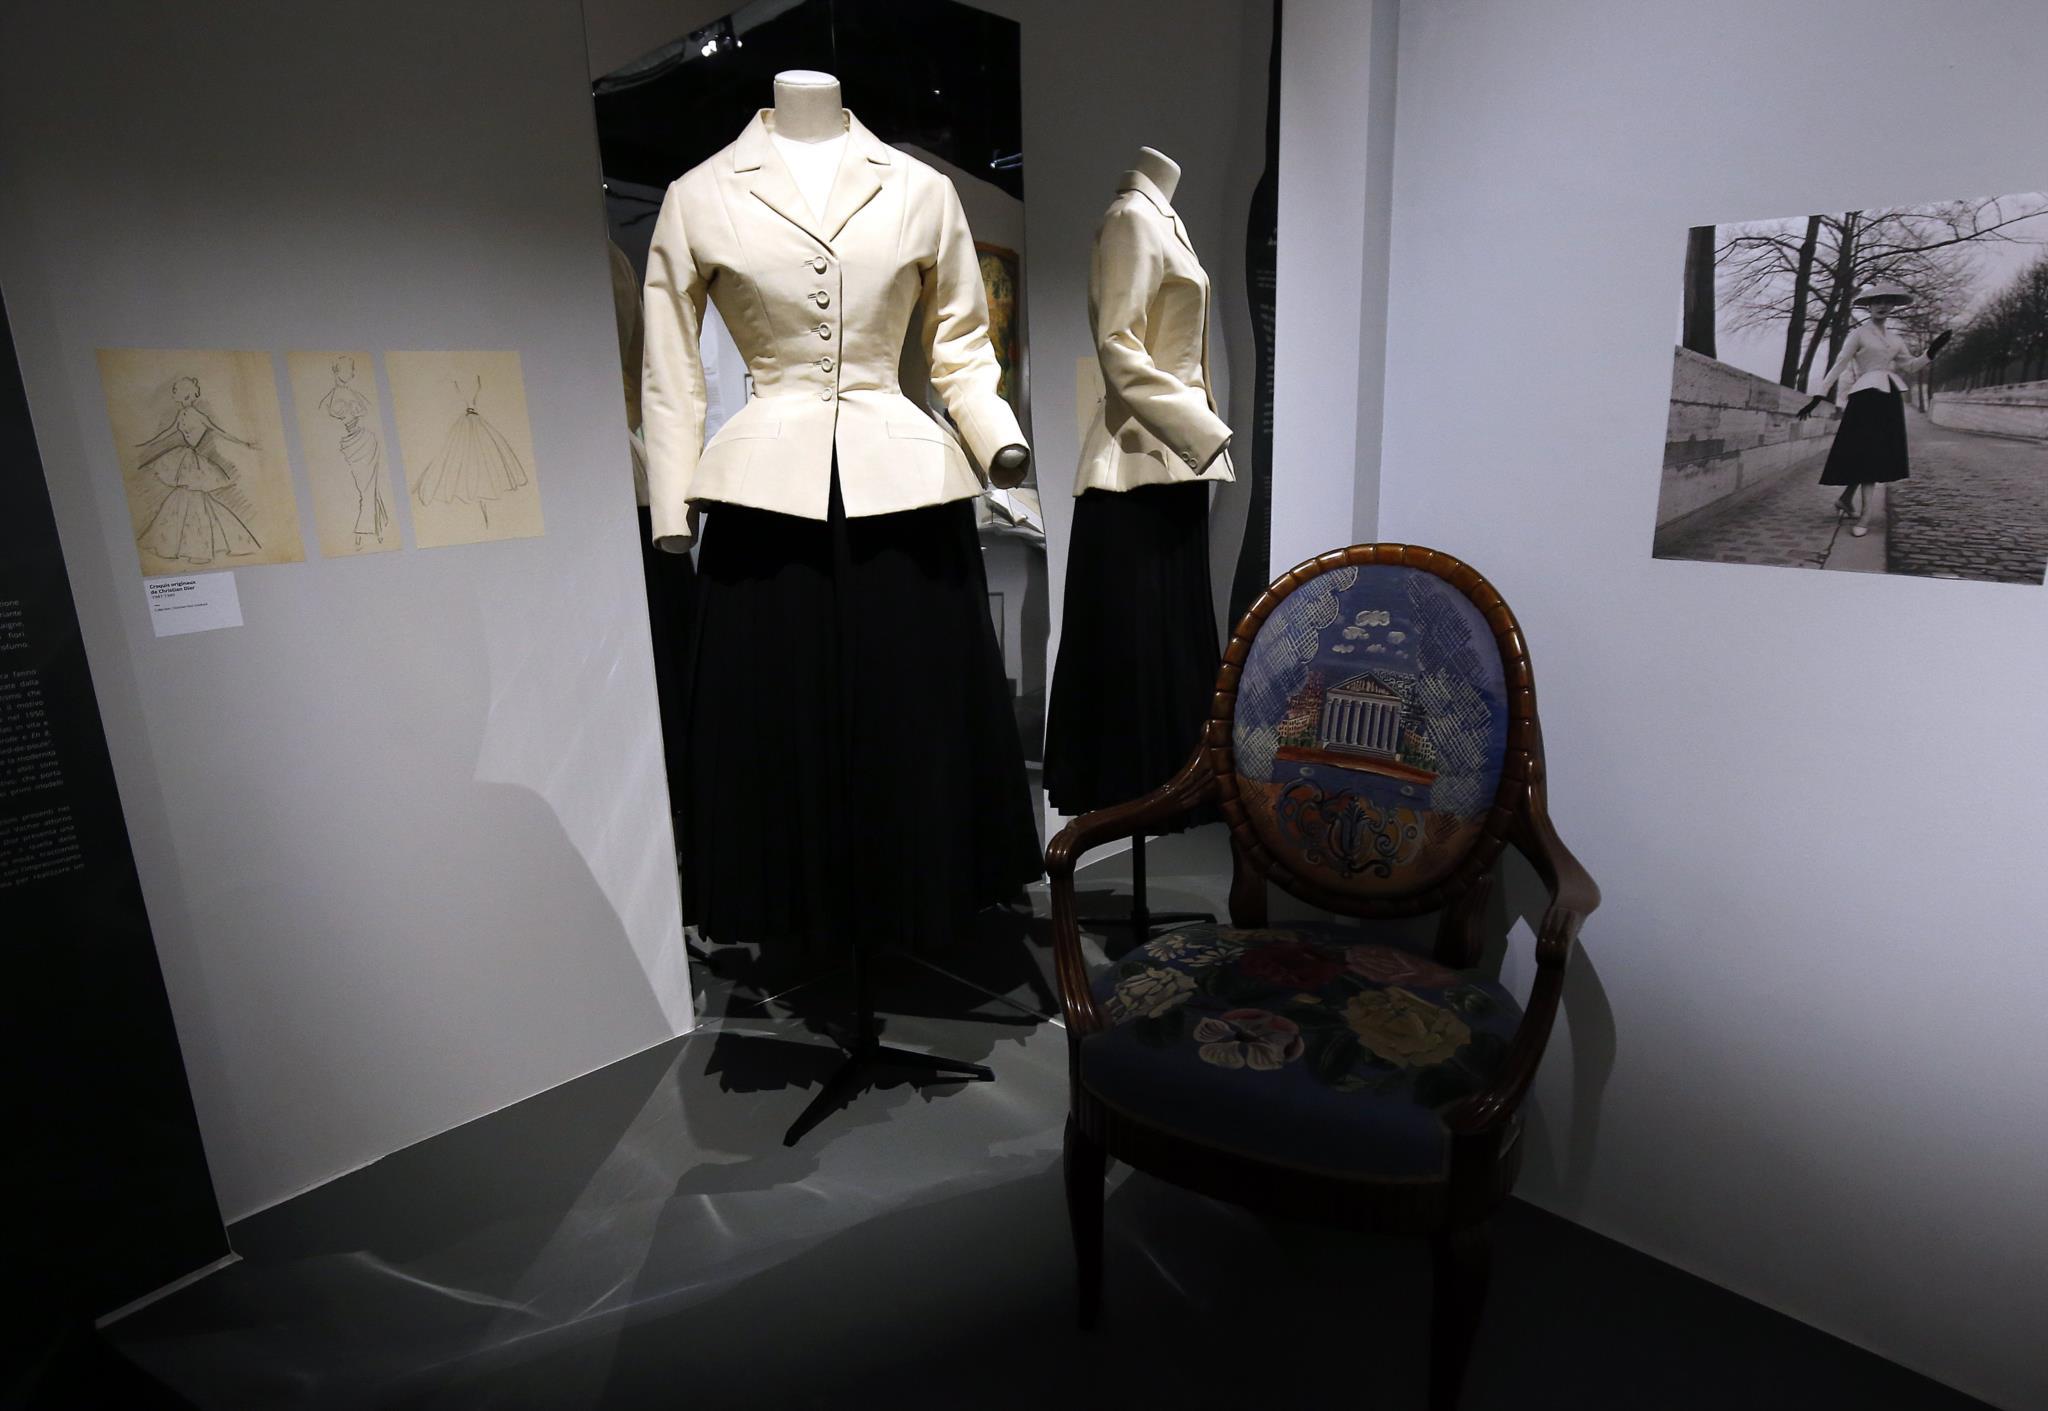 PÚBLICO - Como Christian Dior salvou Paris da sua miséria pós-guerra